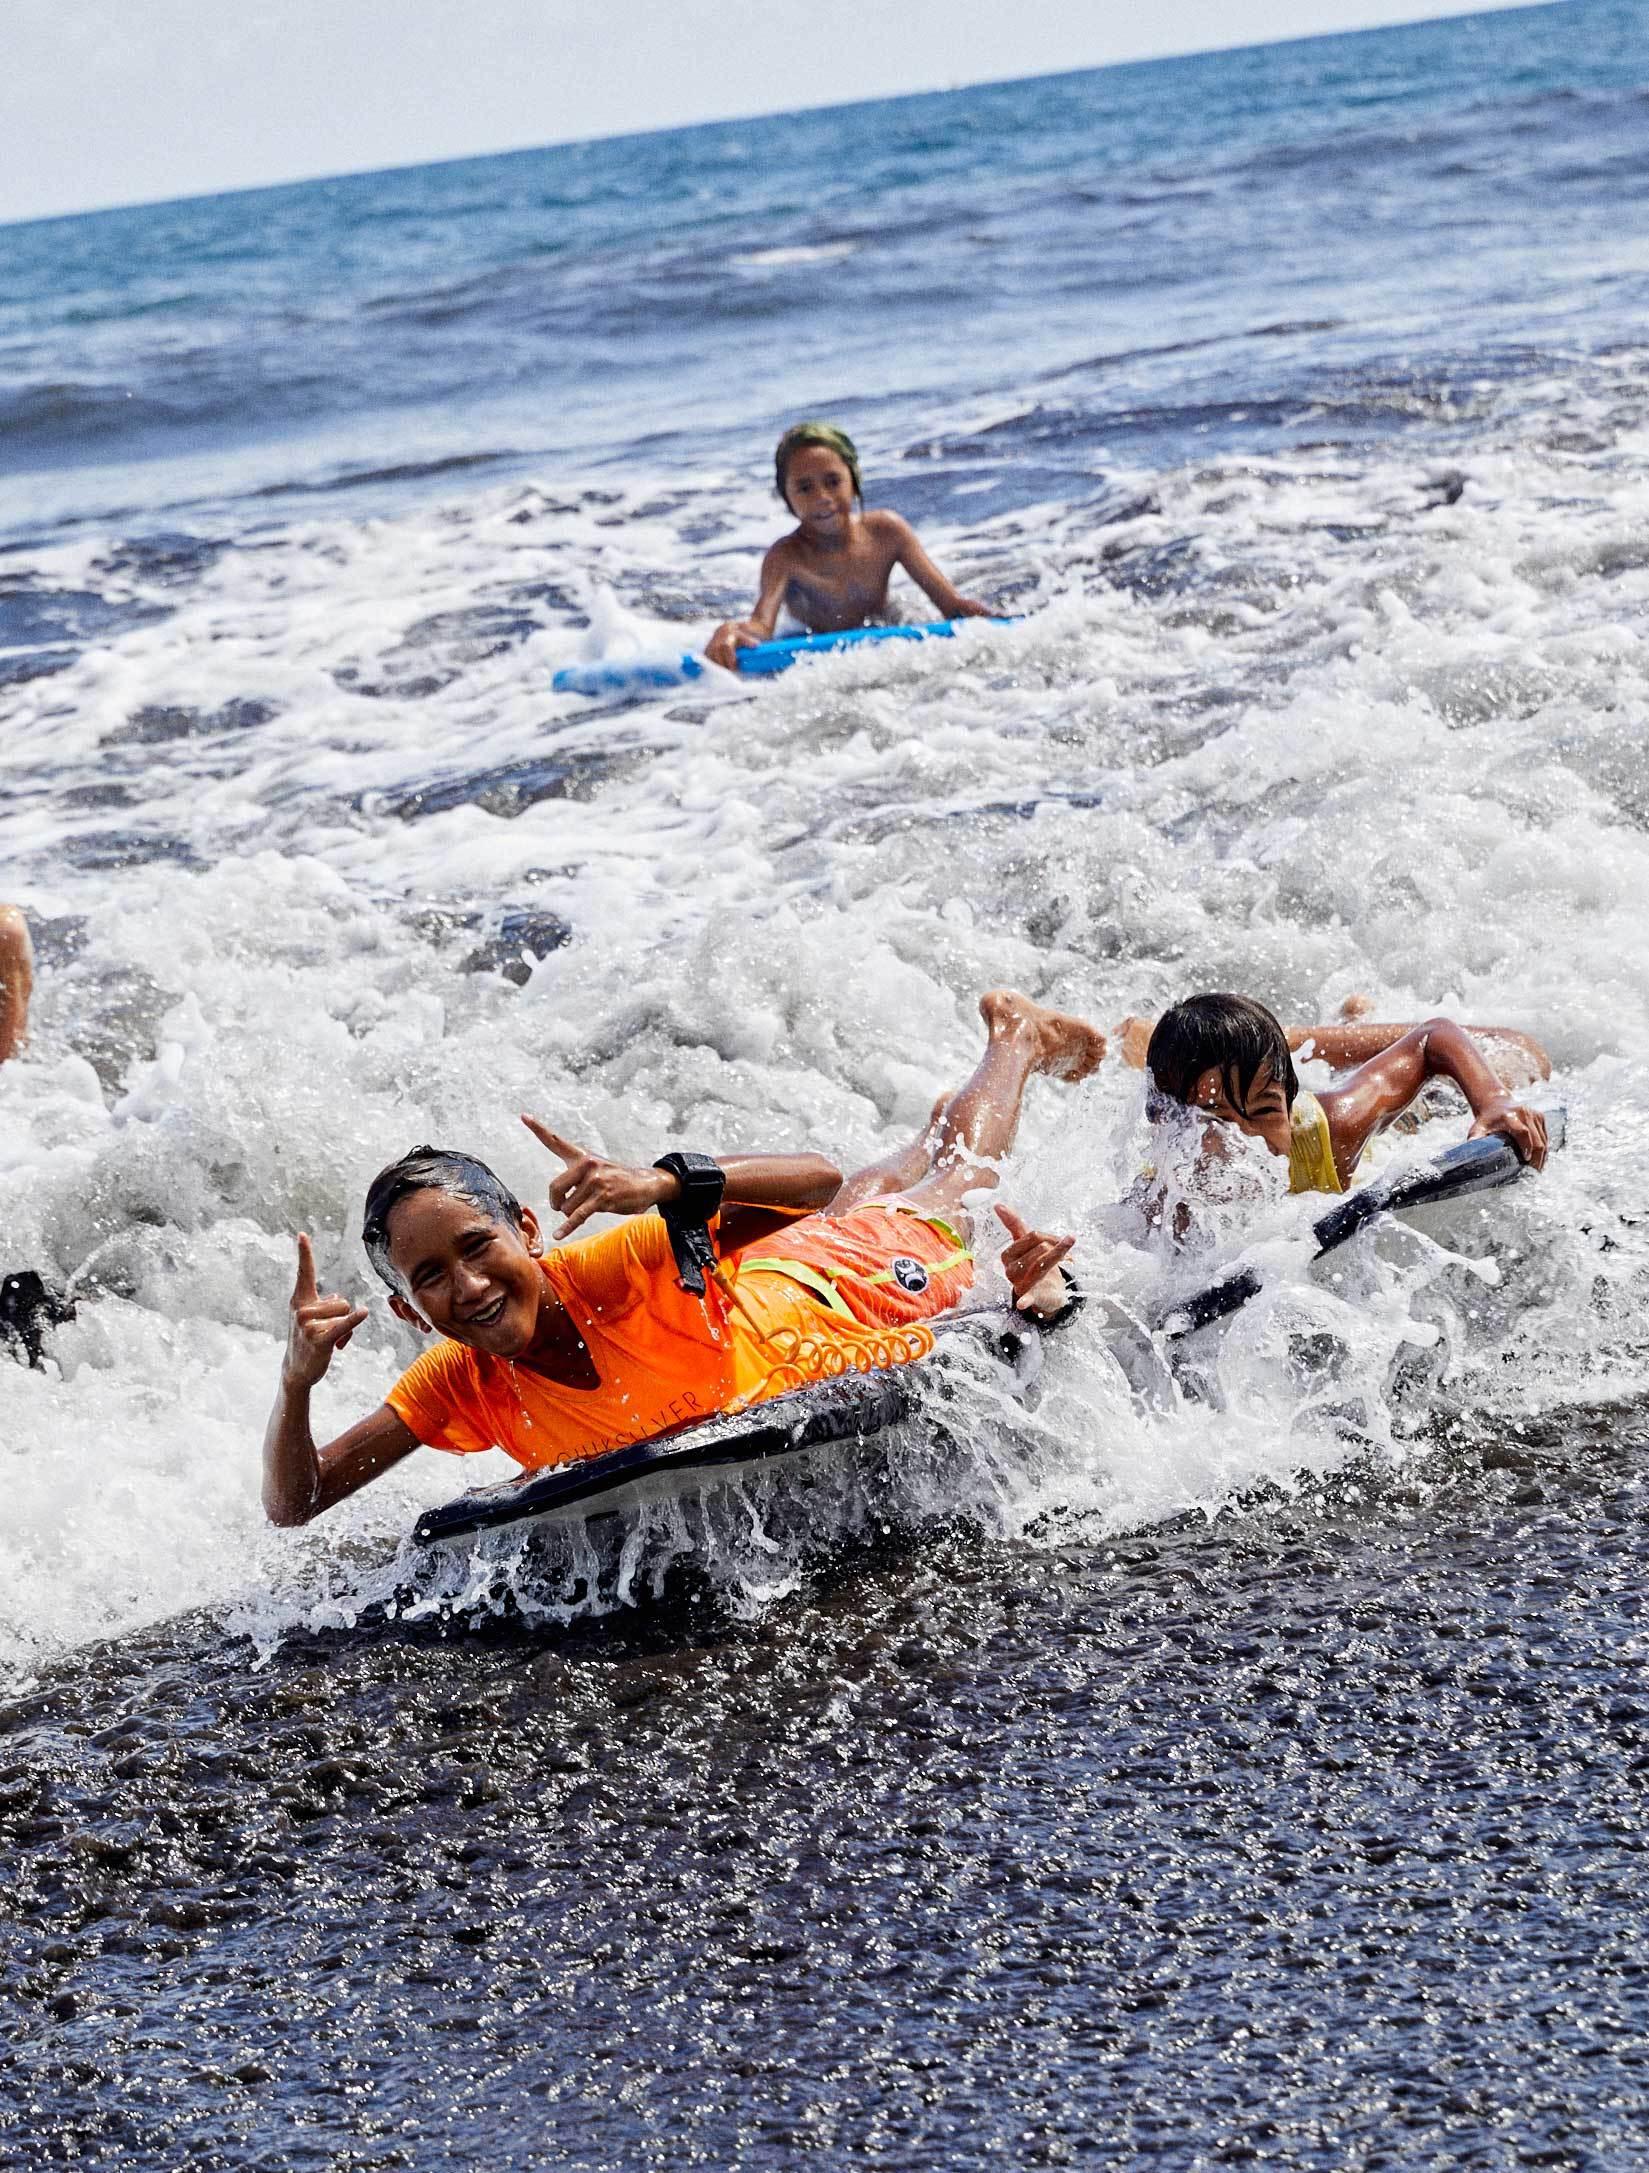 El surf es uno de los deportes favoritos de Tahití.